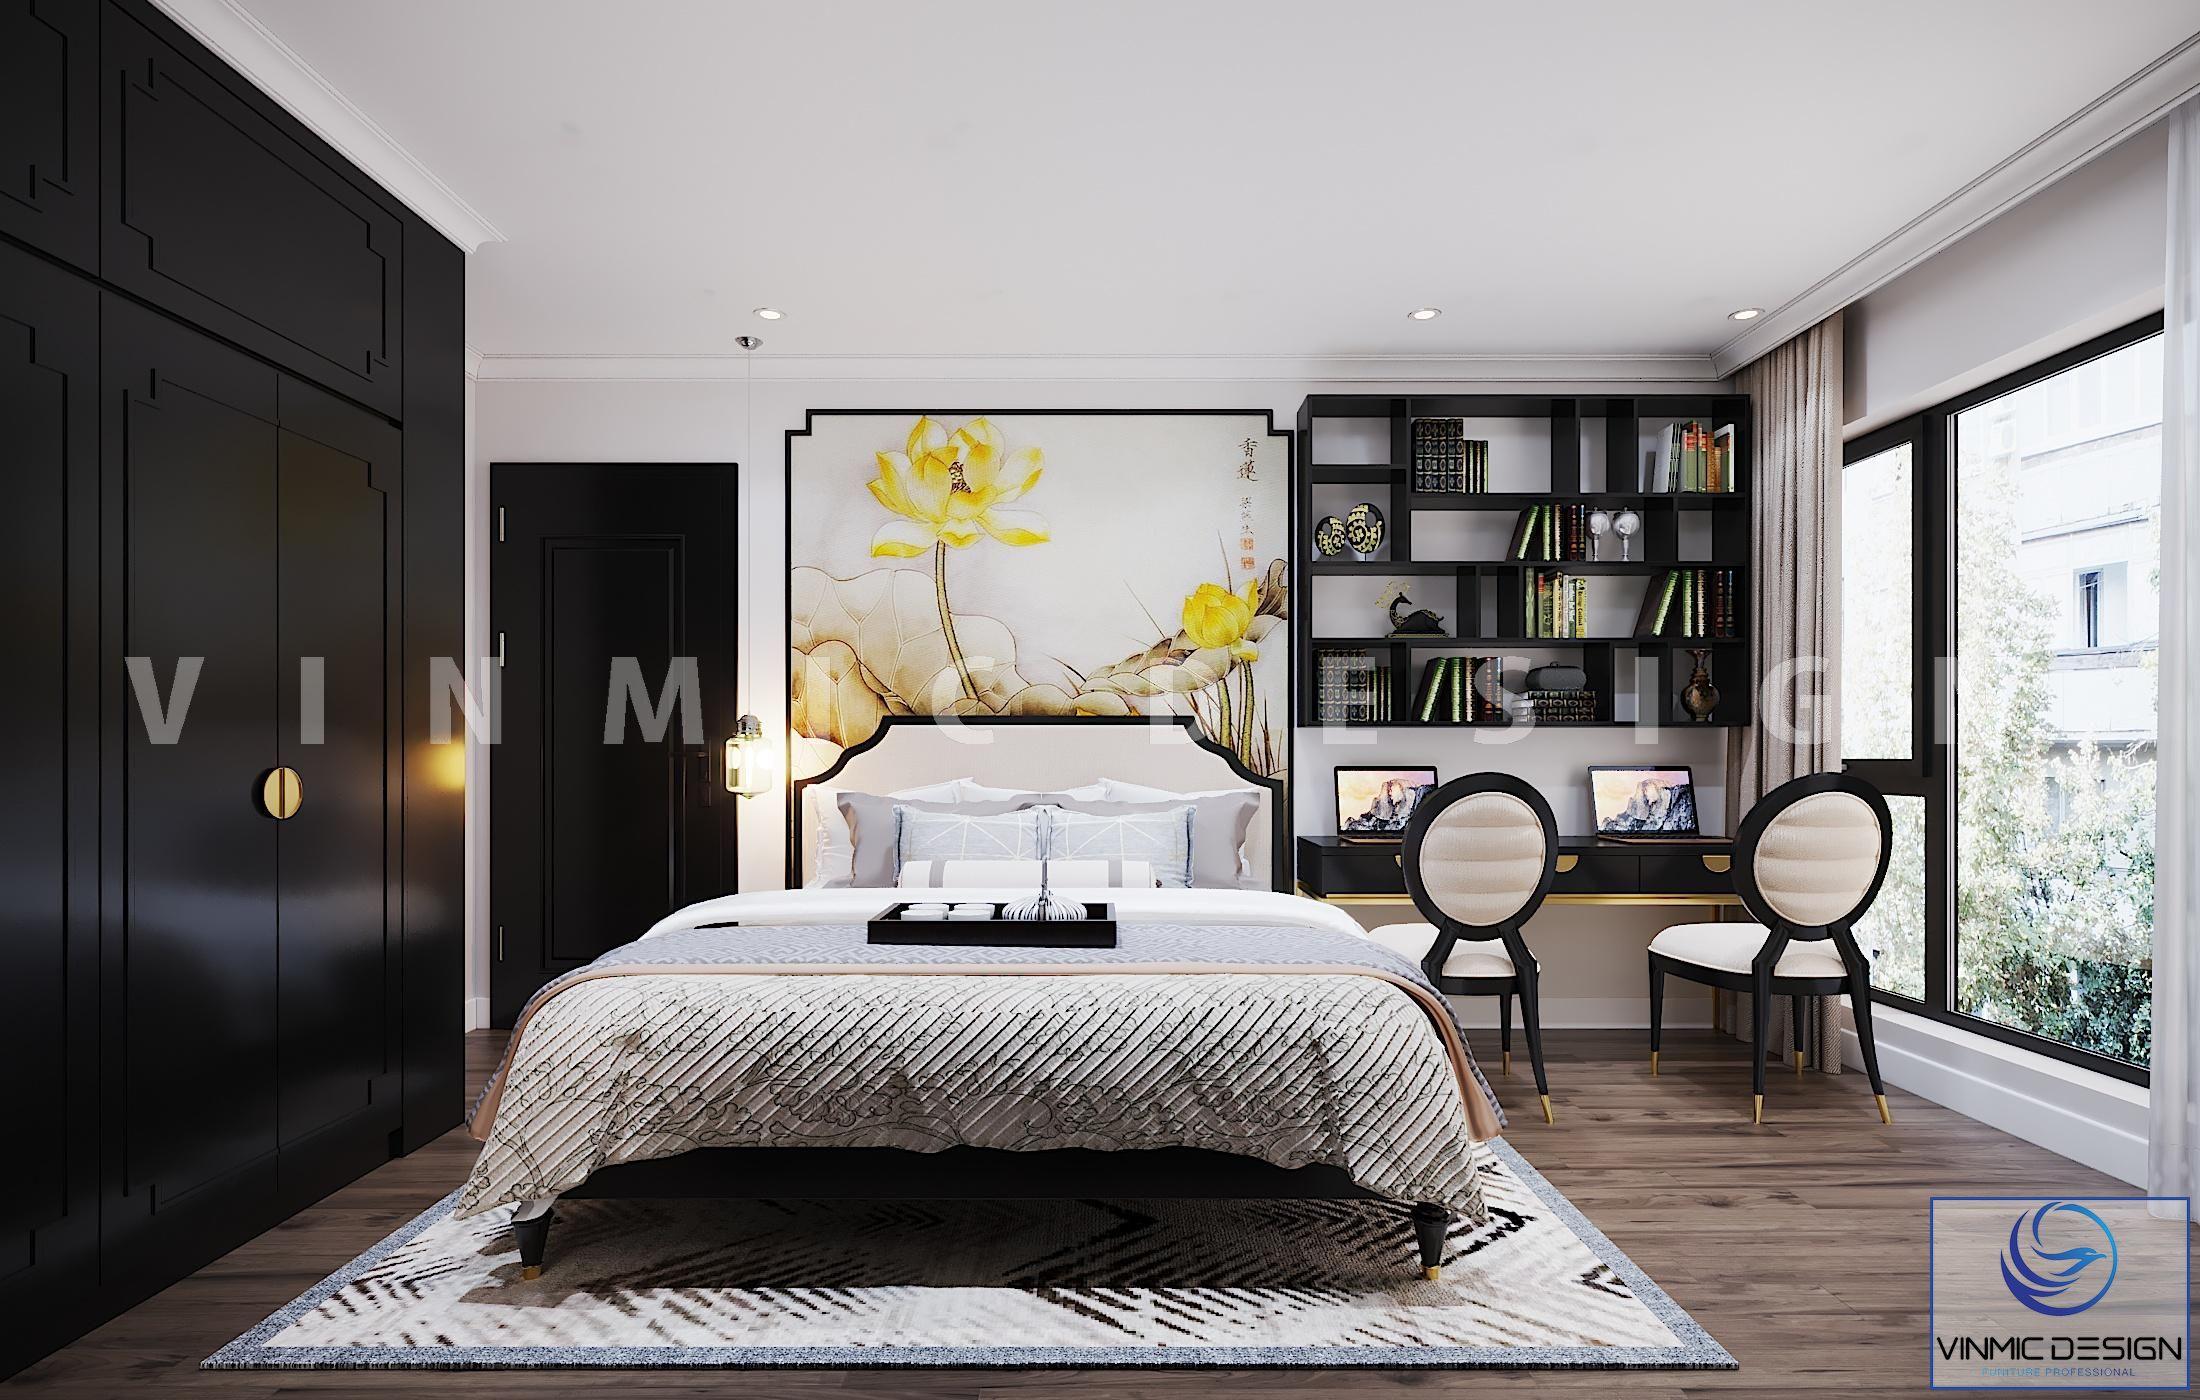 Thiết kế nội thất phòng ngủ phong cách Indochine (Á Đông) tinh tế tại chung cư Vinhomes Metropolis